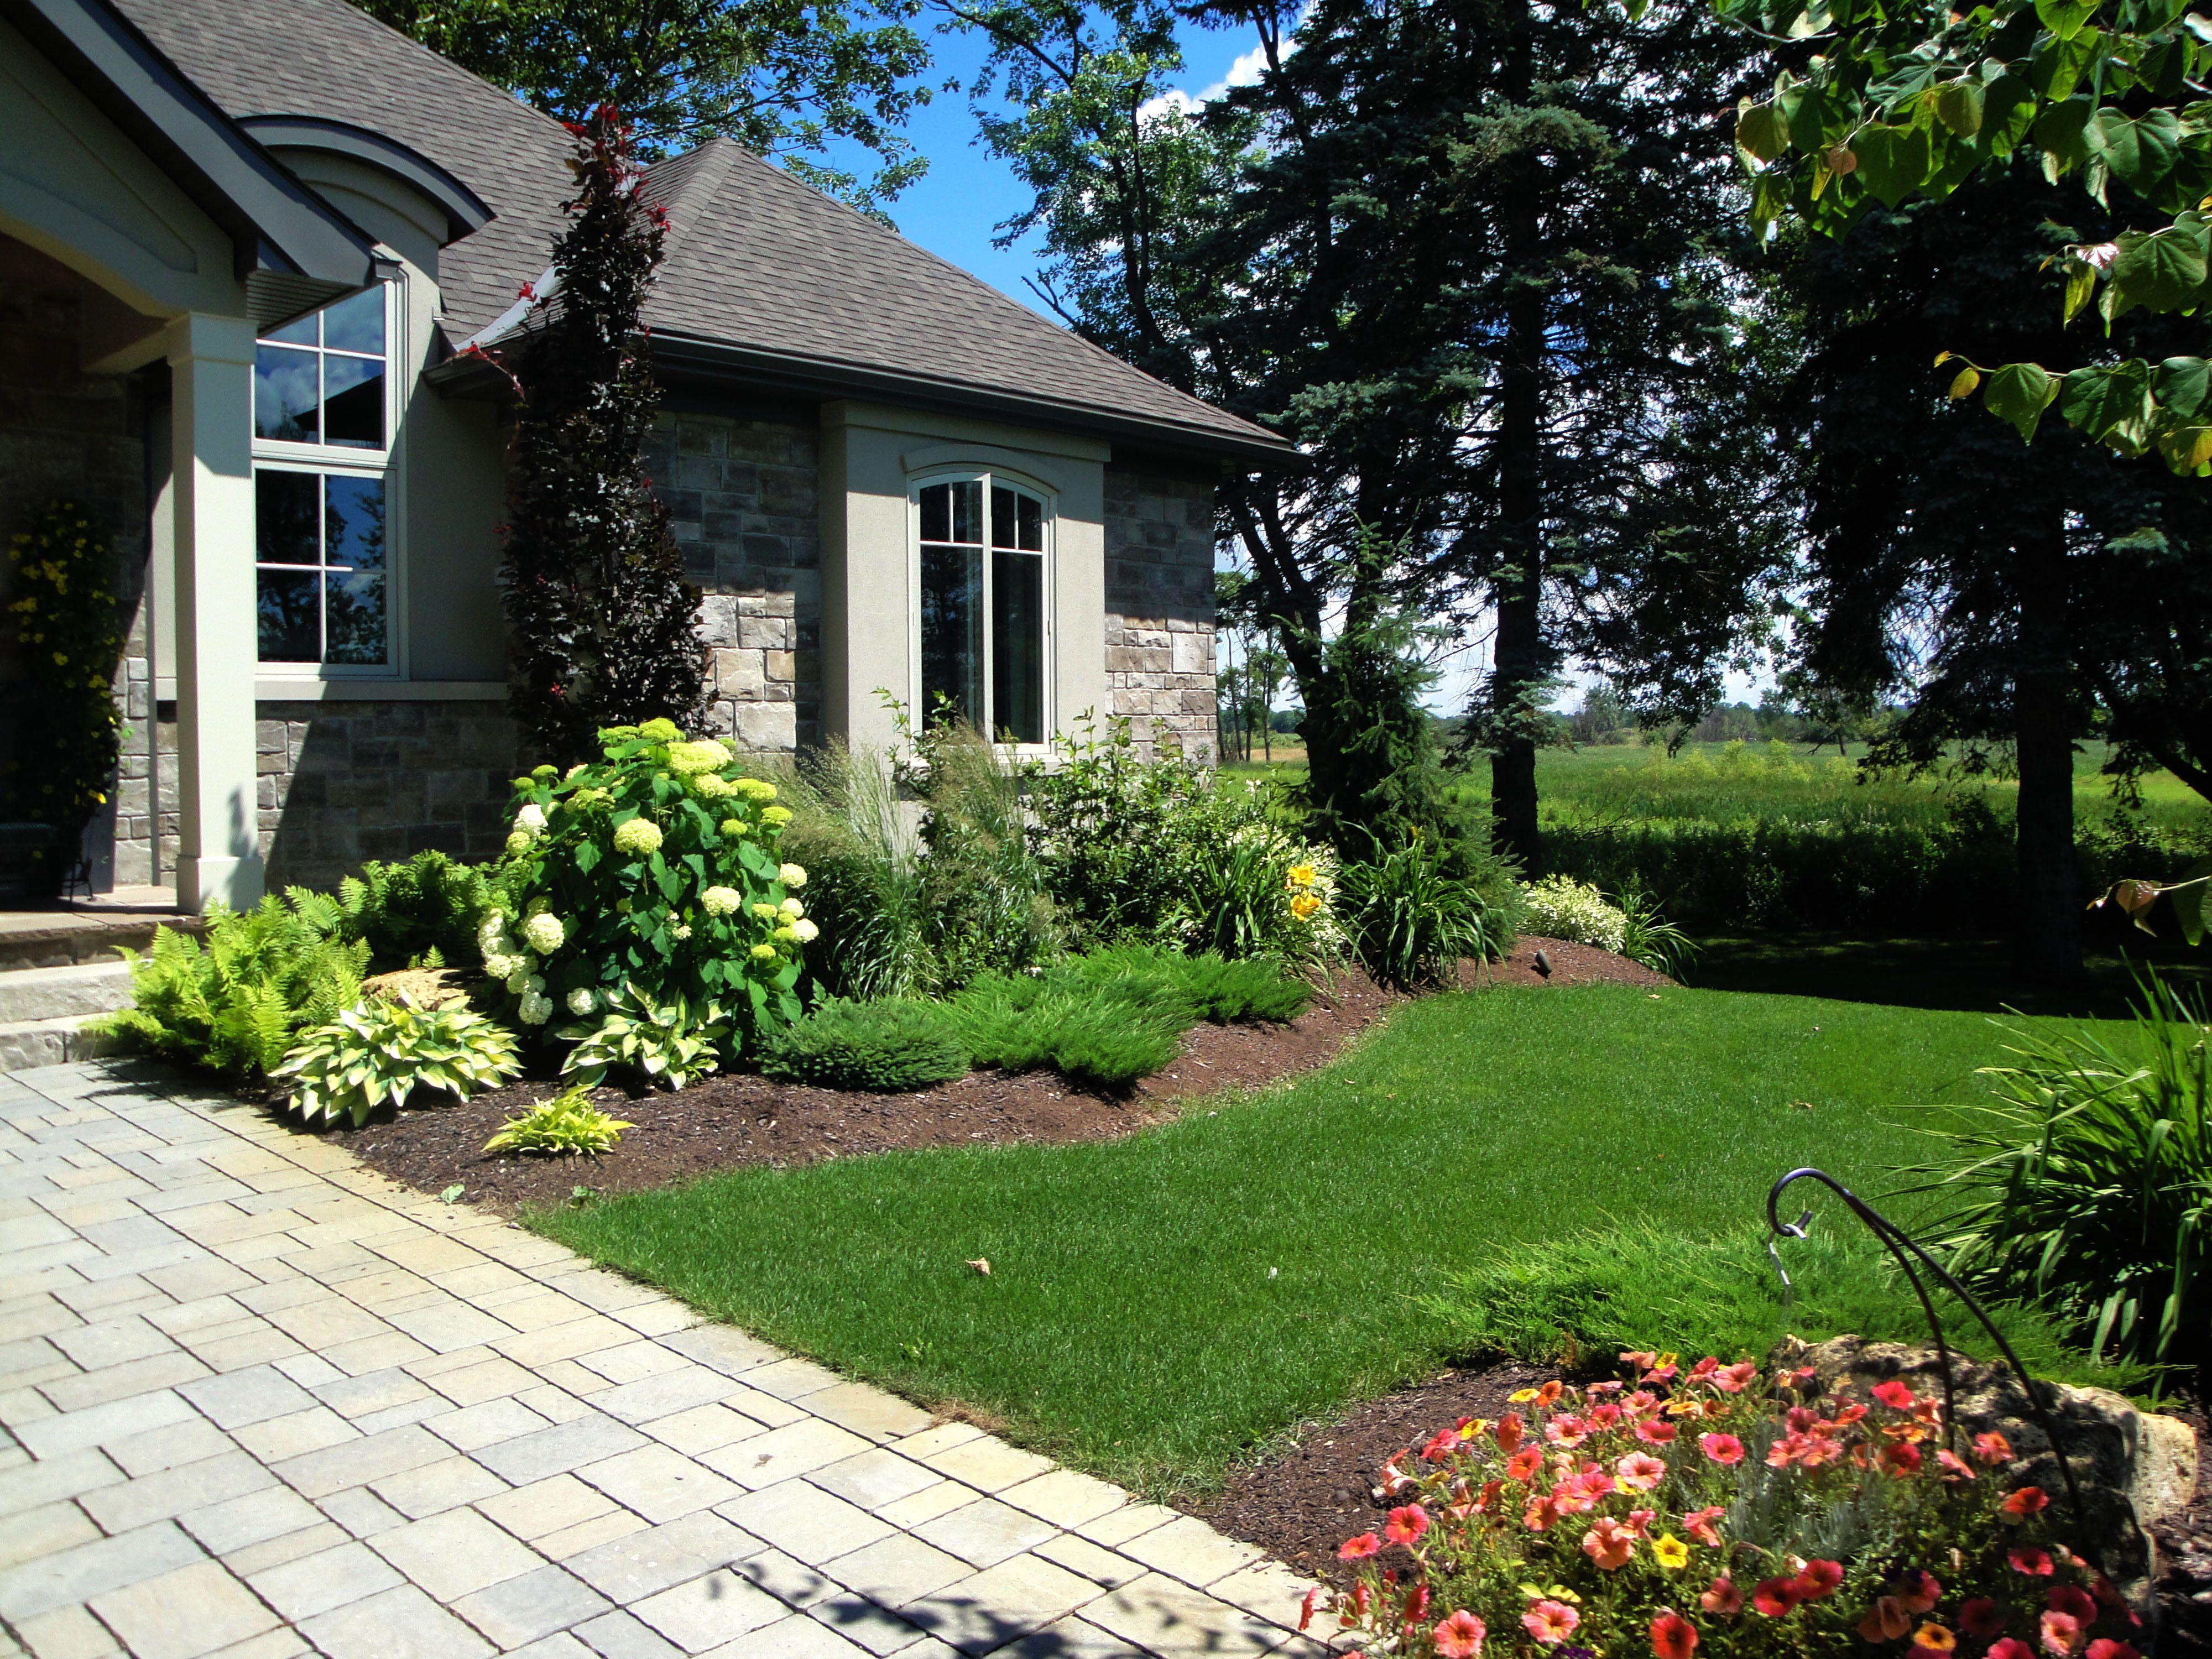 Front yard gardens - Hydrangeas Junipers Hostas Ferns And Grass In A Front Yard Garden